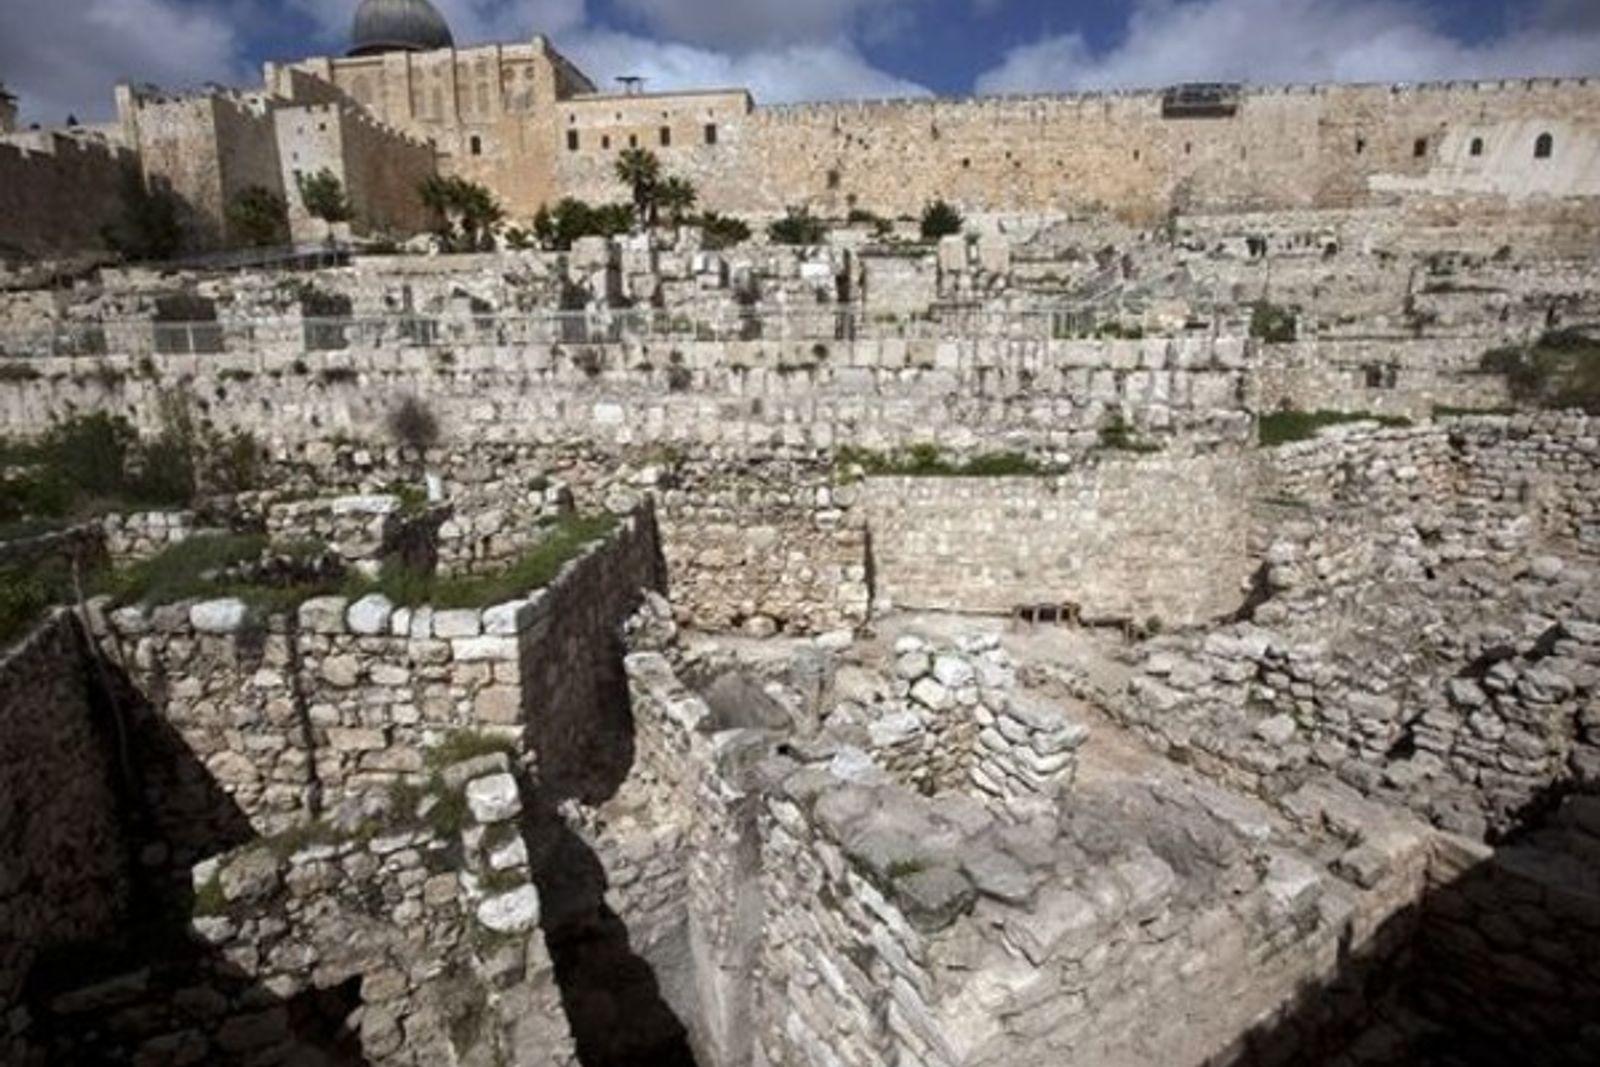 Un descubrimiento que podría confirmar un pasaje de la Biblia